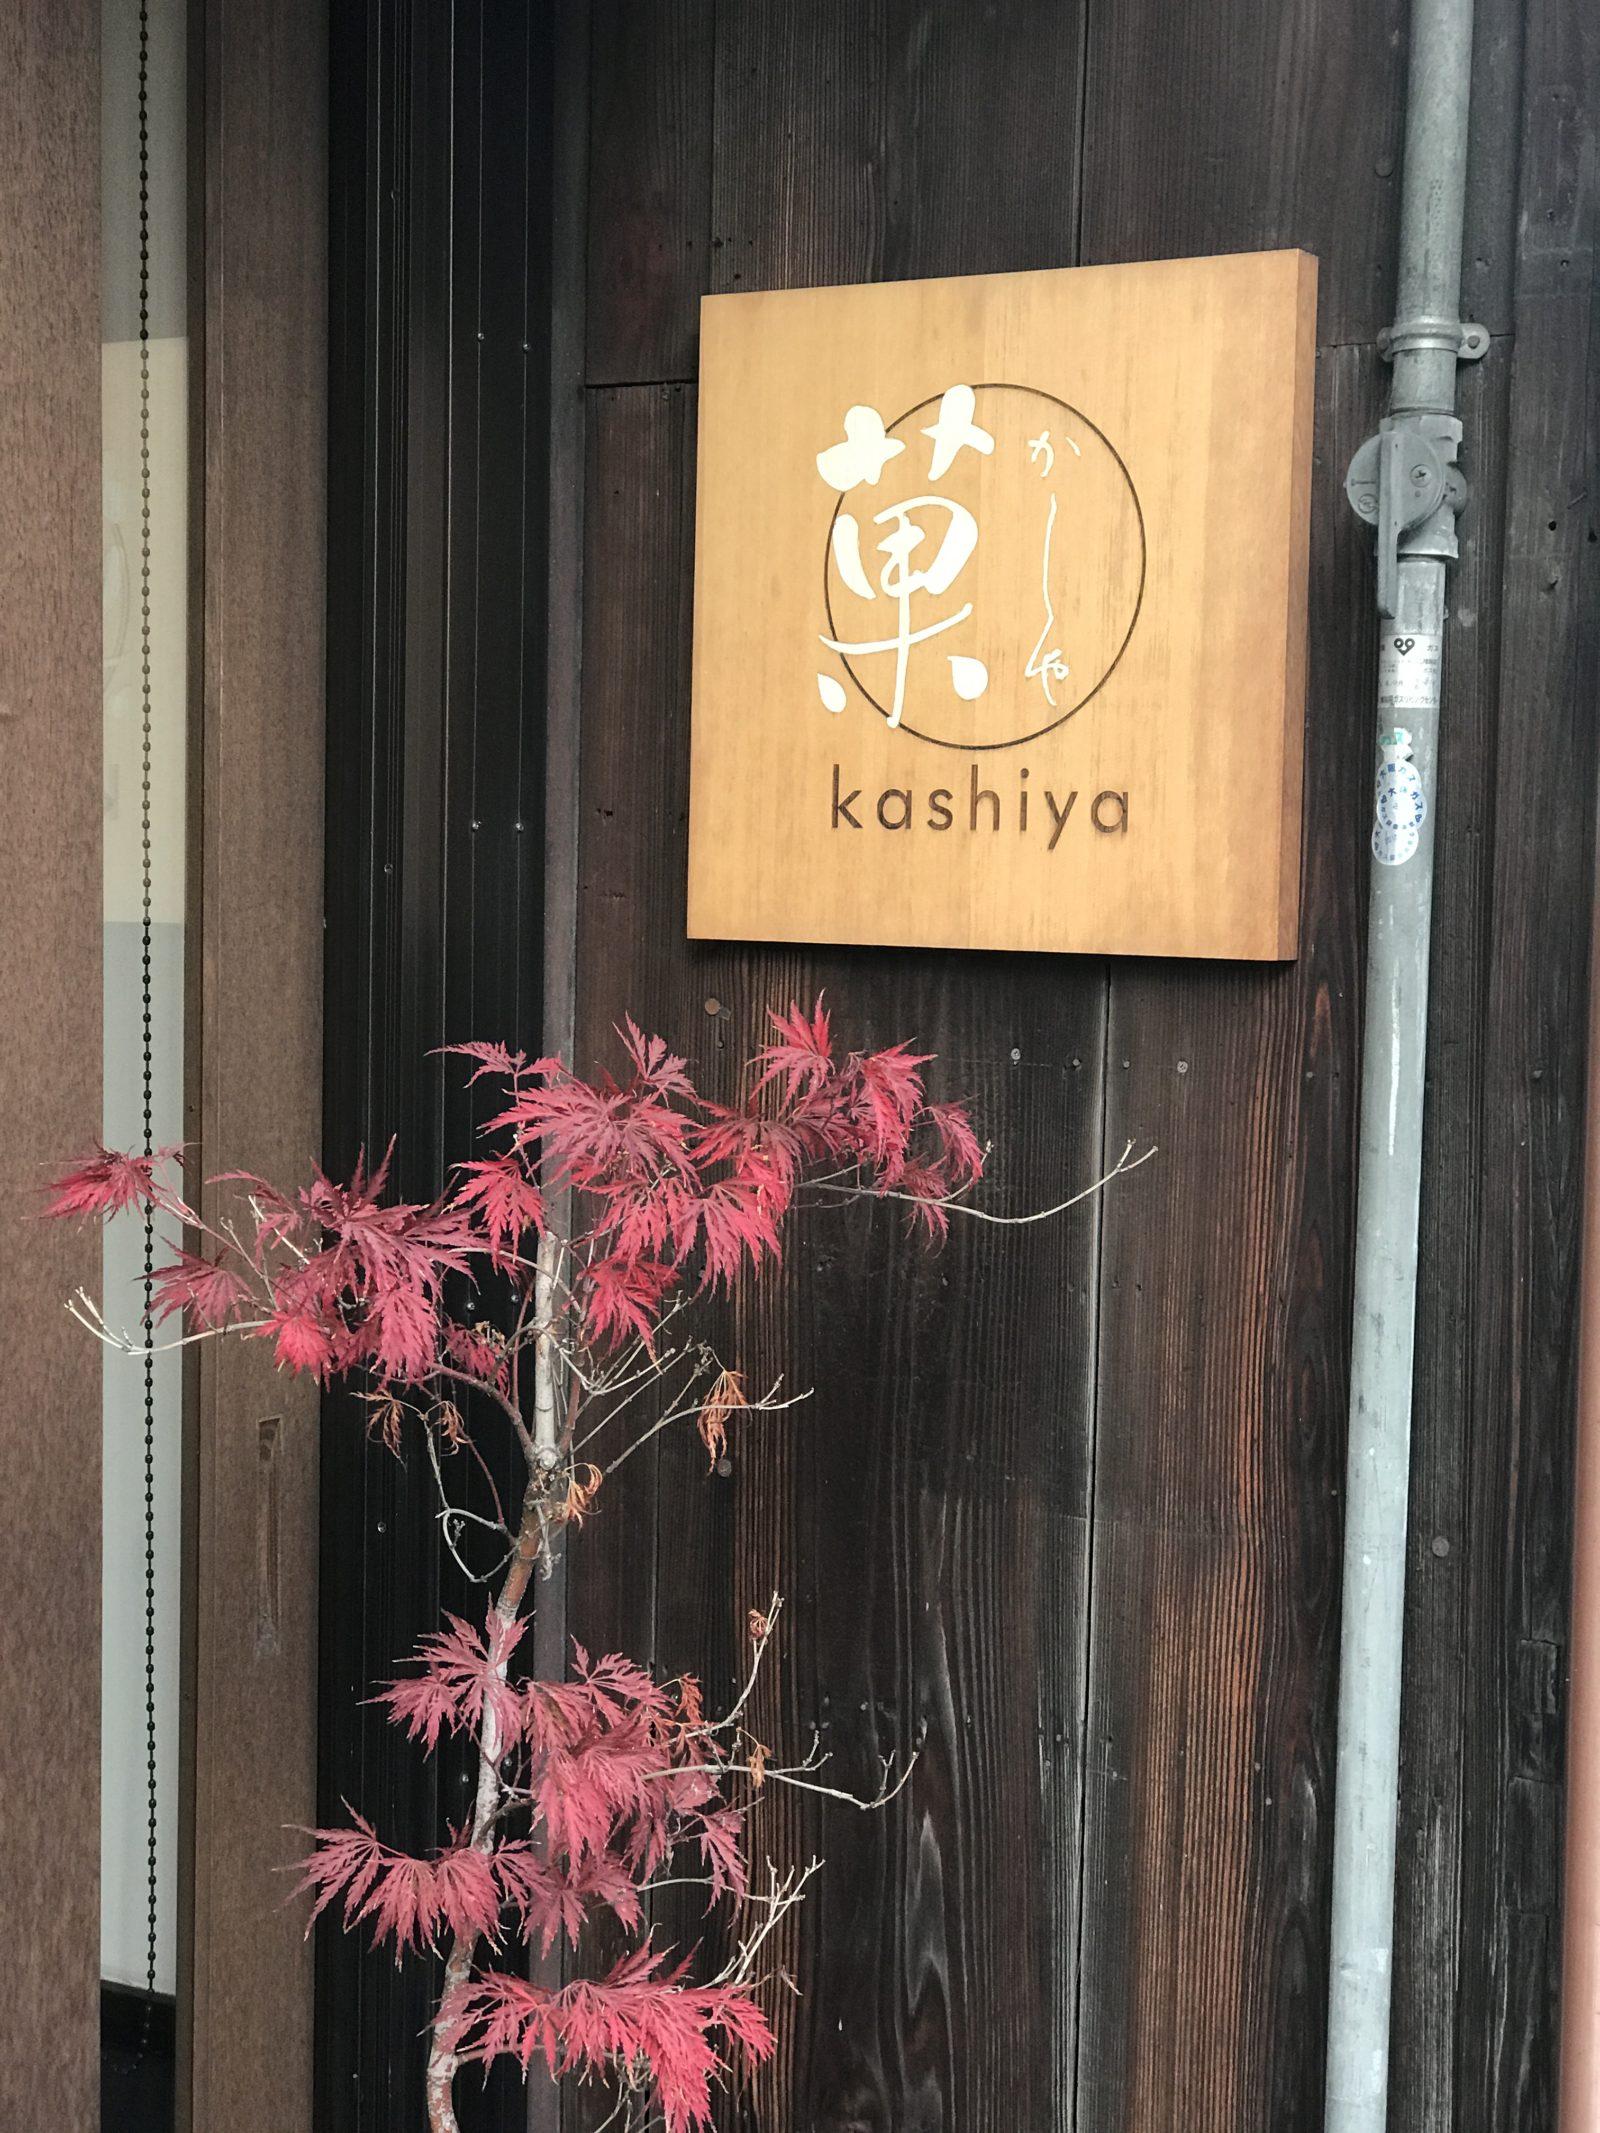 kashiya玄関